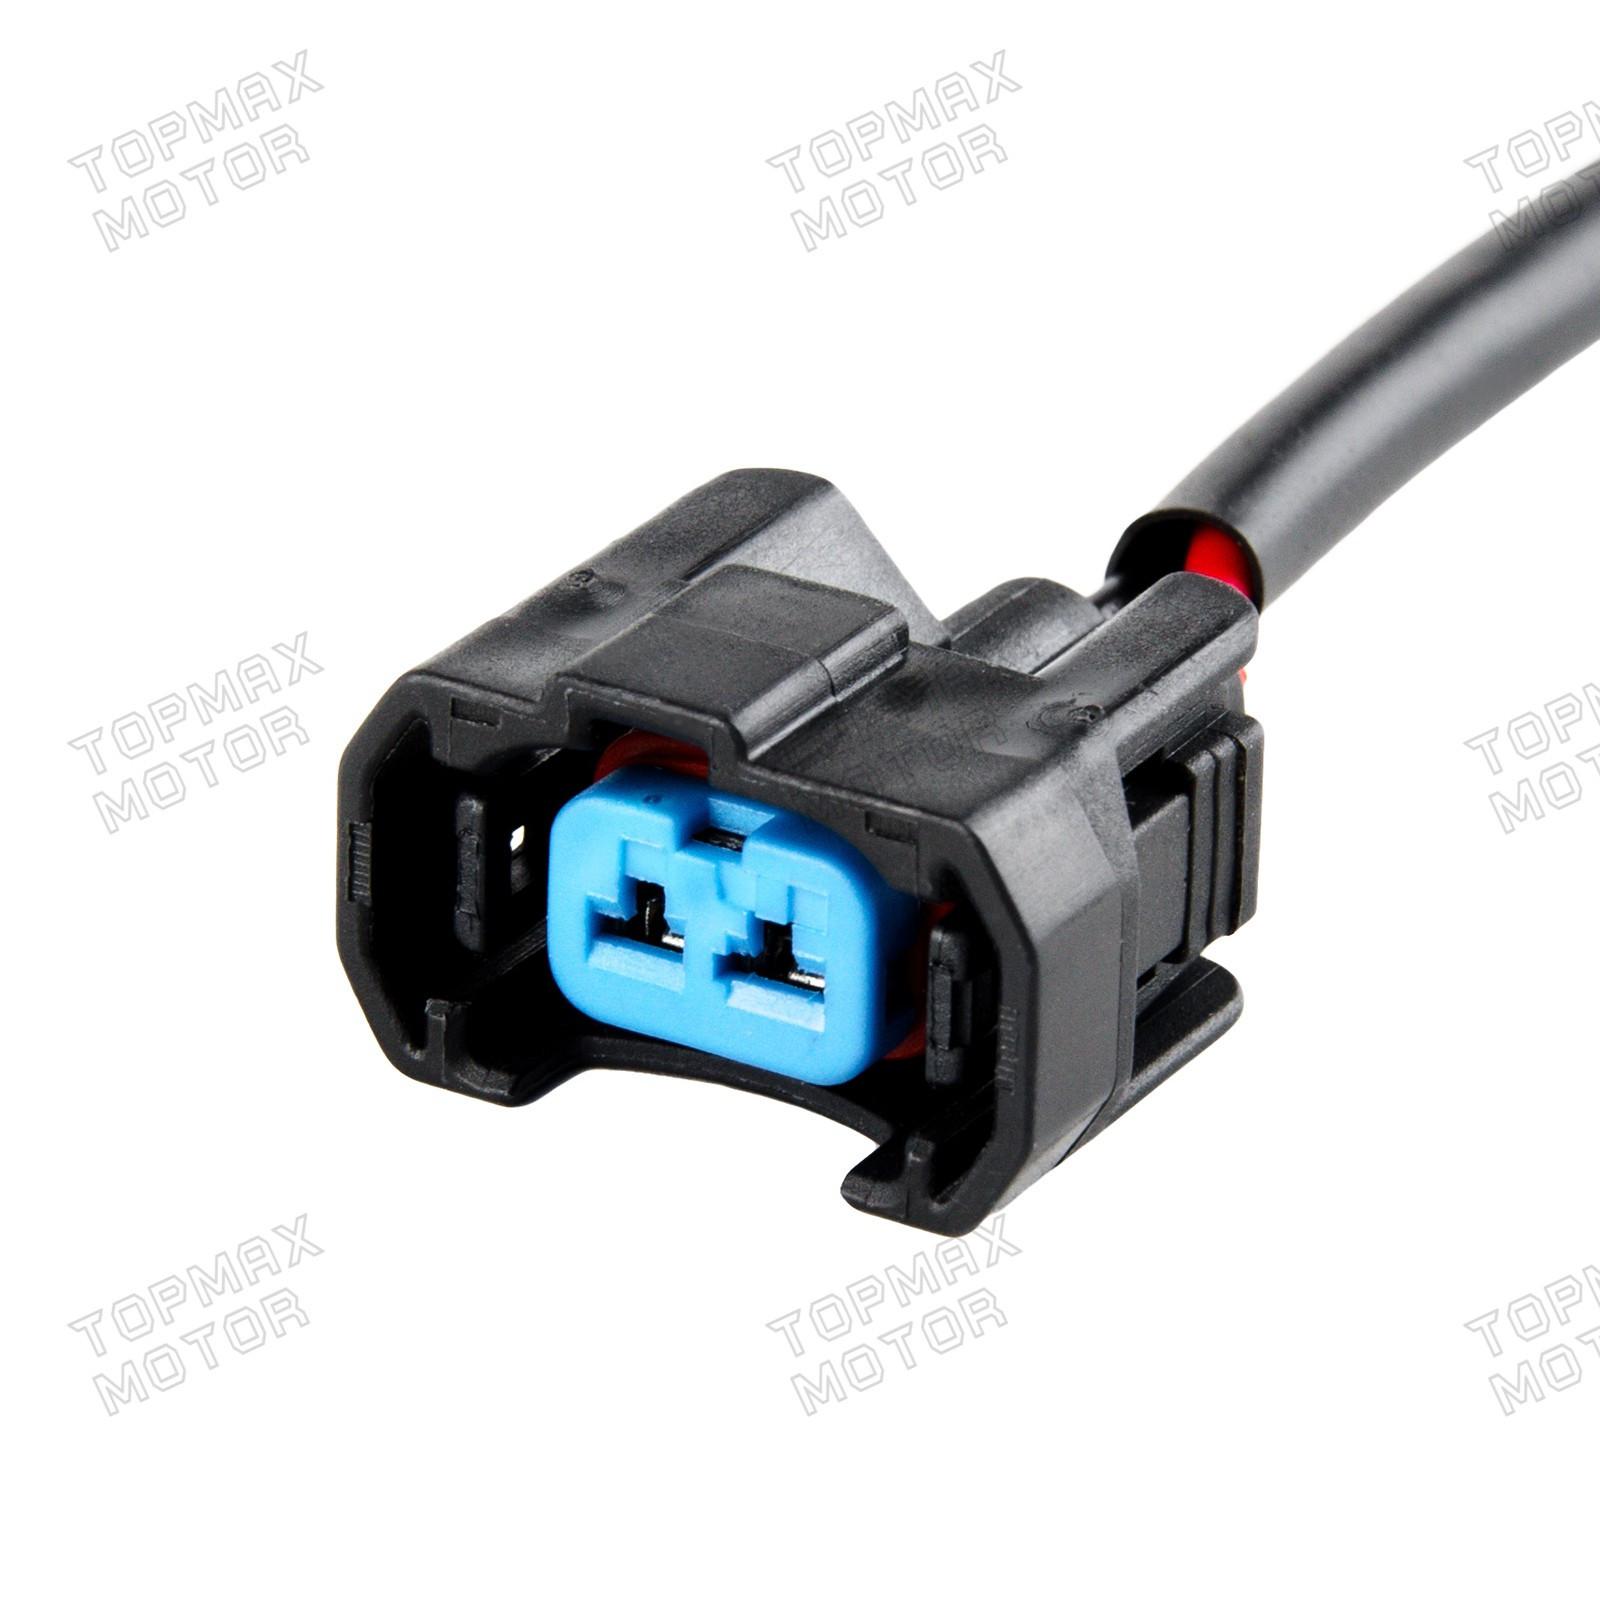 4x Obd0 Obd1 To Obd2 Fuel Injector Conversion Jumper Harness Adapter Plug